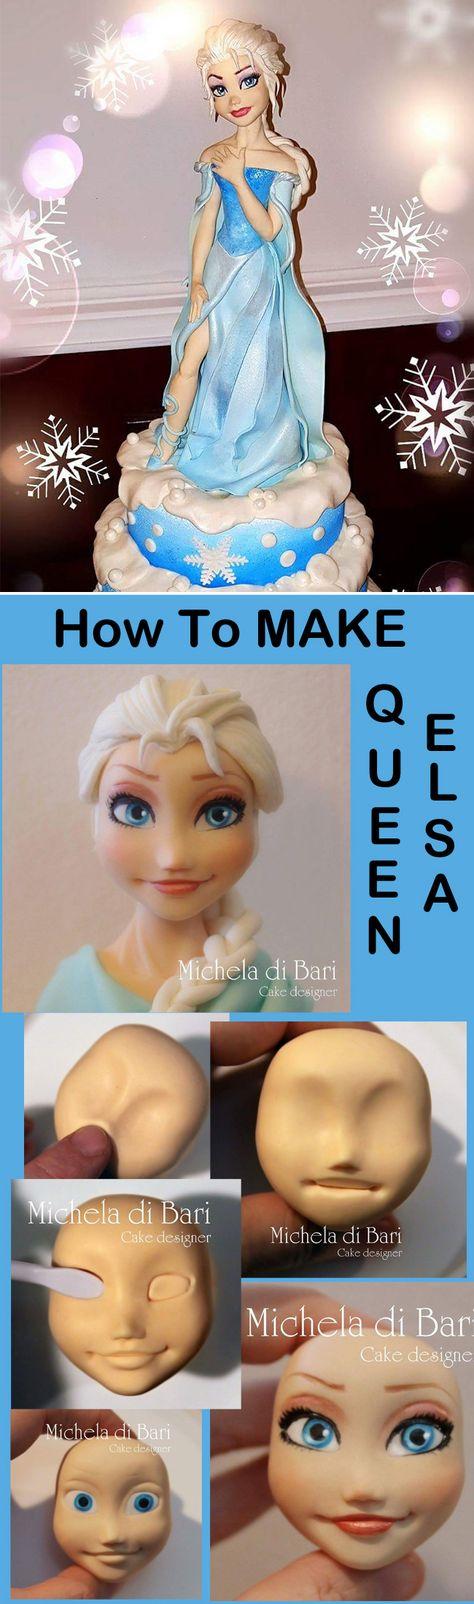 How To Make A Splendid Elsa Cake Topper